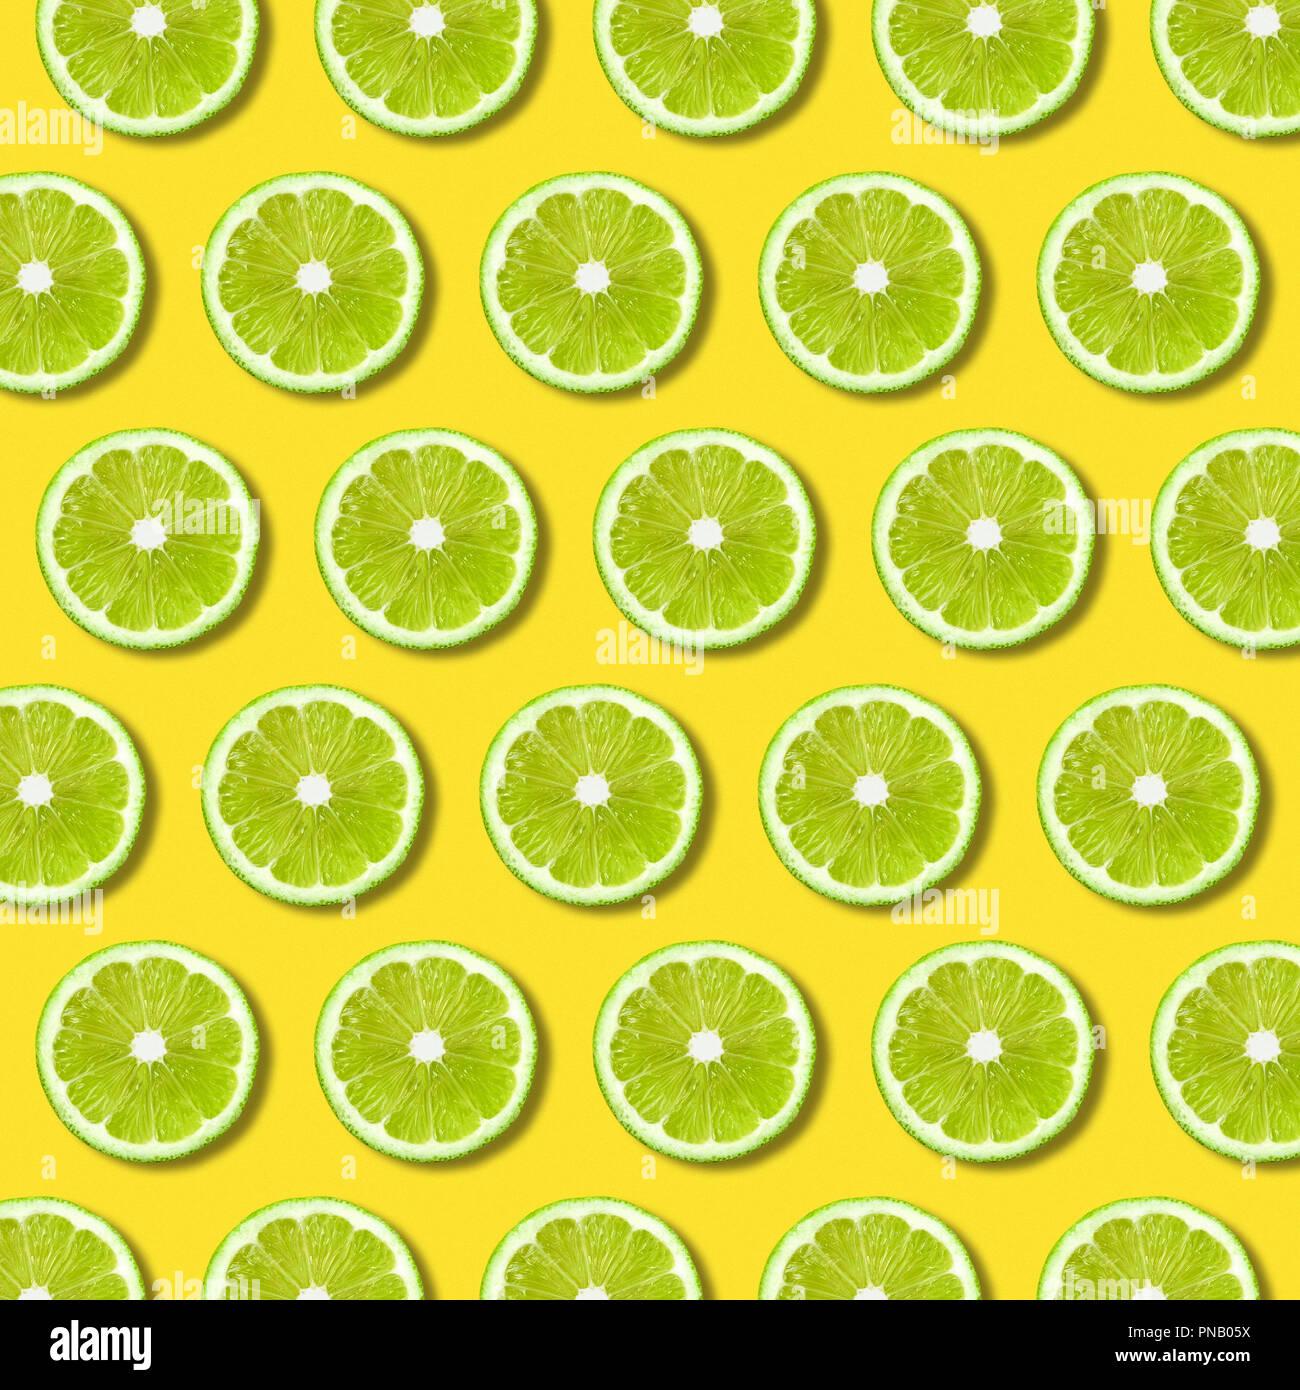 Tranches de lime vert sur fond de couleur jaune vif. La texture des aliments non forfaitaire minime Photo Stock